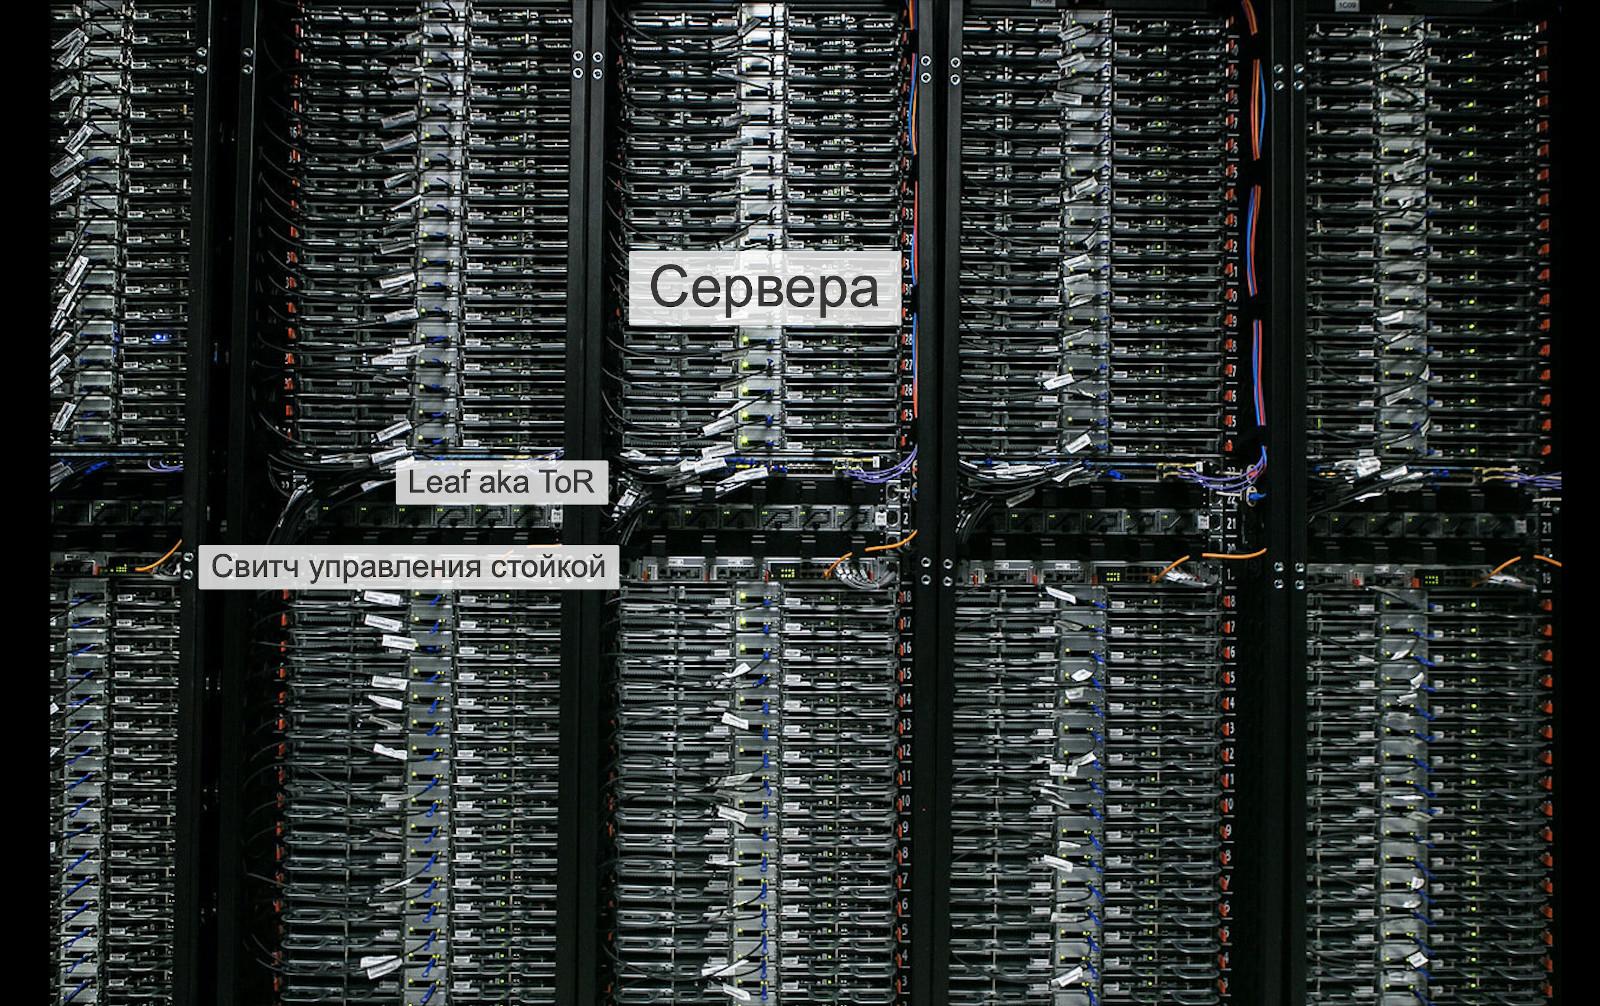 Как превратить две серверные стойки в сеть для десятков тысяч машин и не остаться в неоплатном техническом долгу - 9